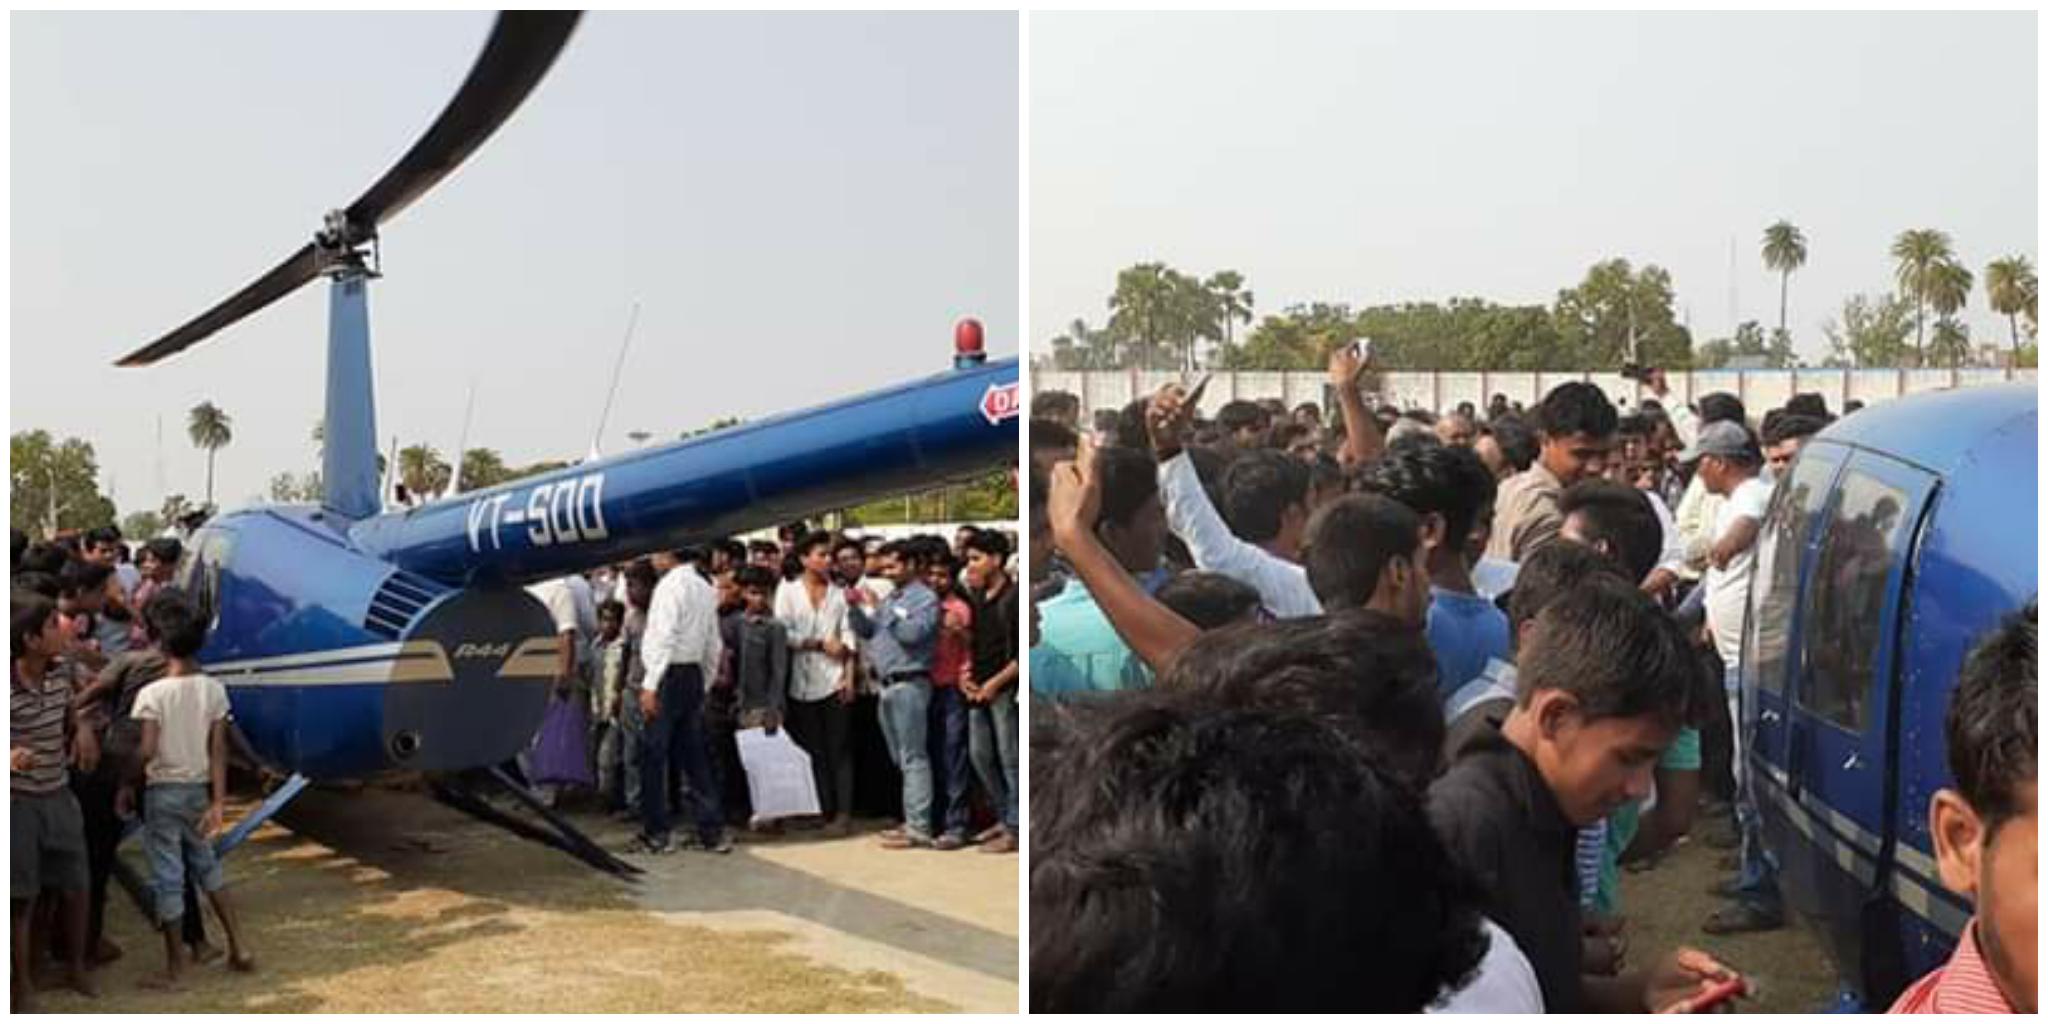 उपेंद्र कुशवाहा का हेलीकॉप्टर भटक कर पटोरी के बदले रोसड़ा में उतरा समस्तीपुर Town